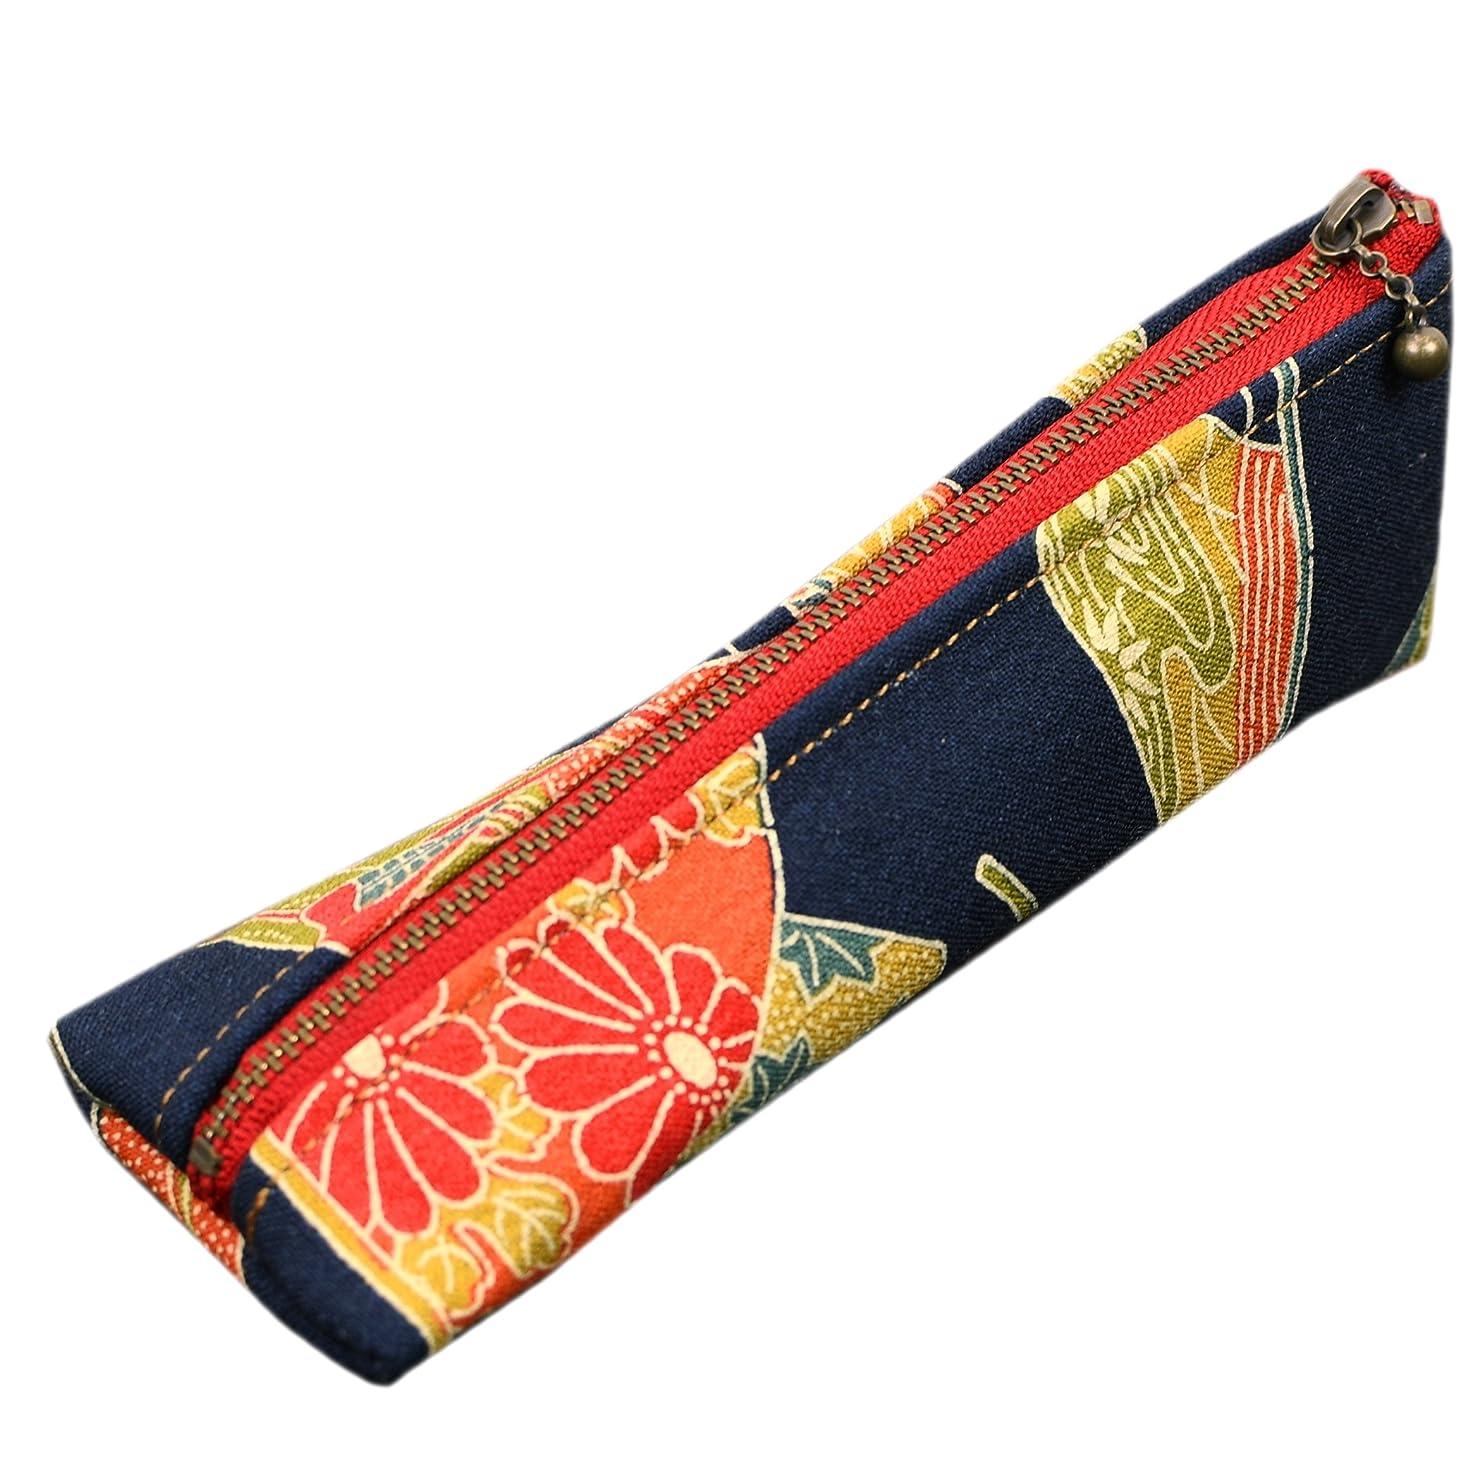 単調な同化する中傷着物 和柄 ペンケース 三角 立体的 可愛い 筆箱 ギフト 和風 お土産 8柄 (紺彩花)